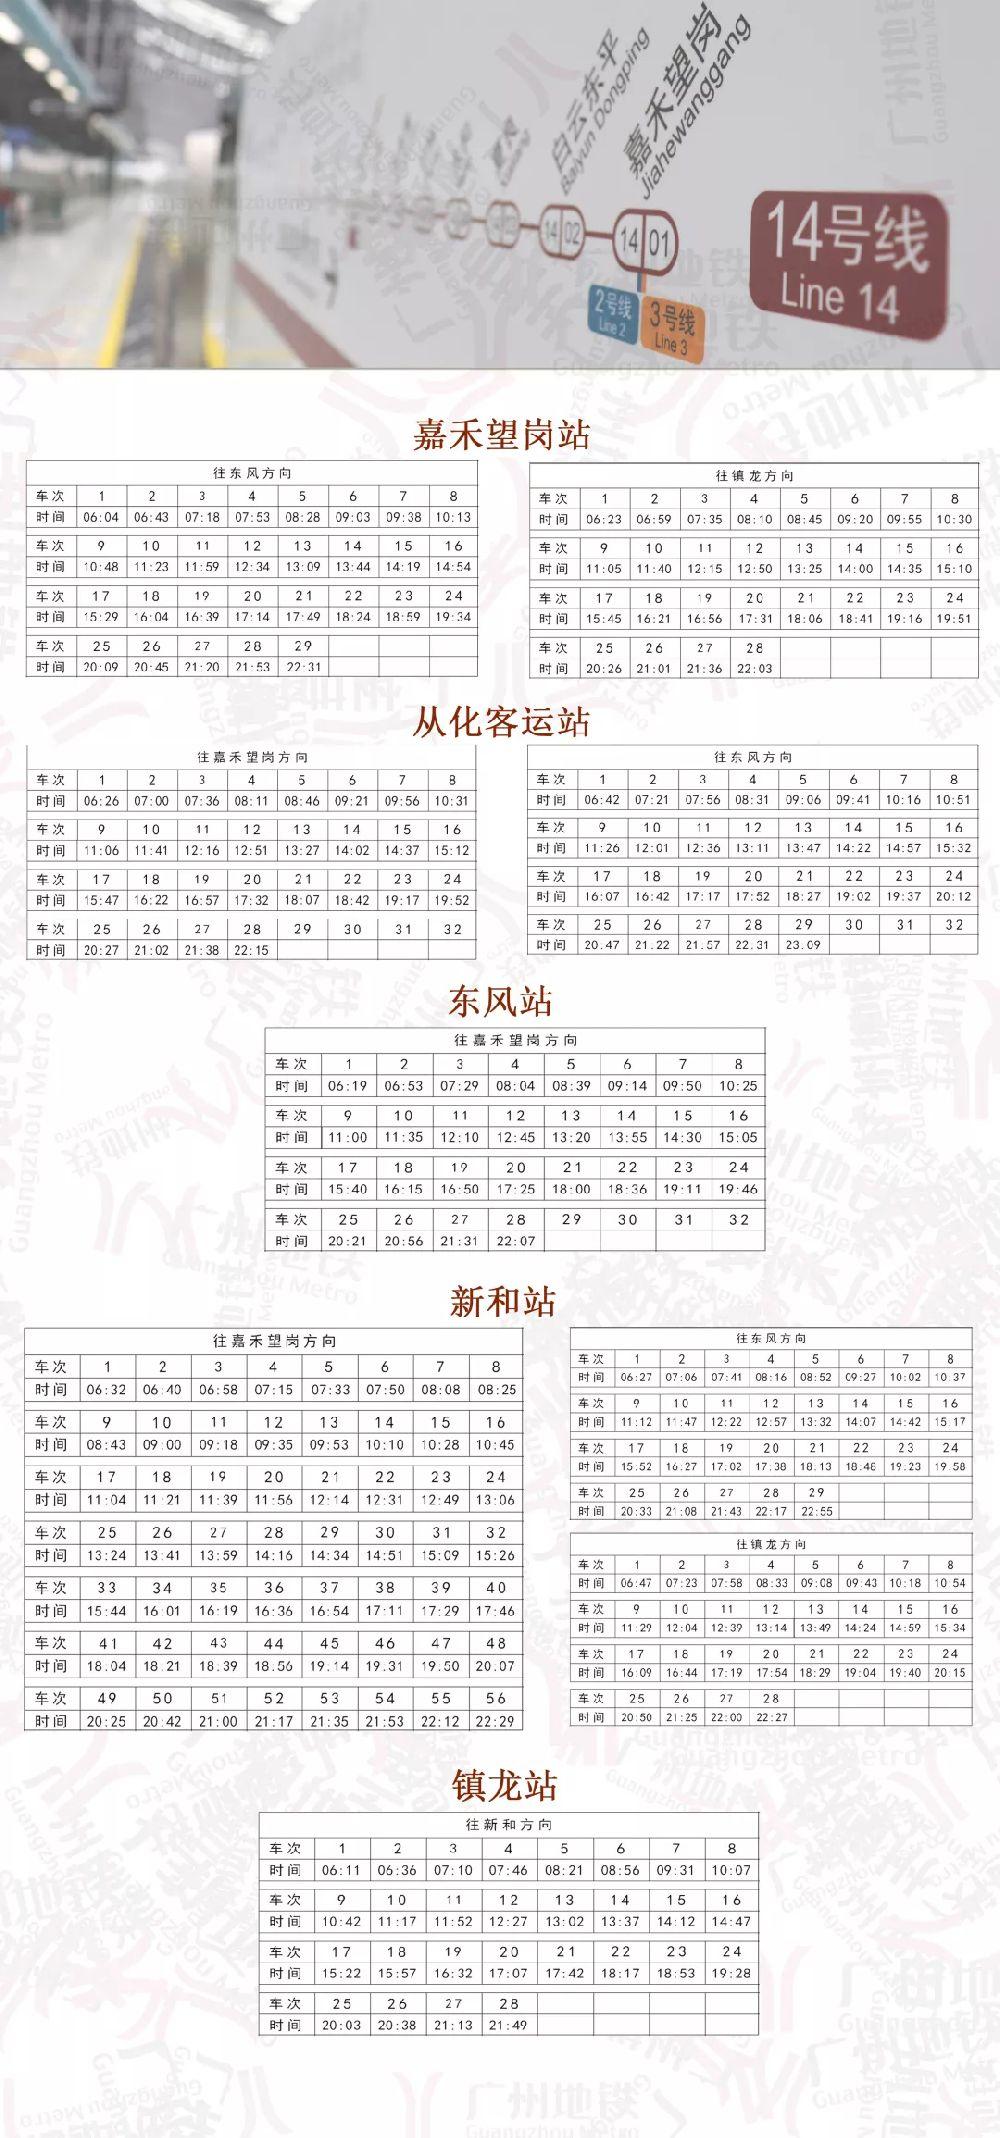 珠海公交线路调整_2019广州白云区迎春花市公交线路调整一览- 广州本地宝